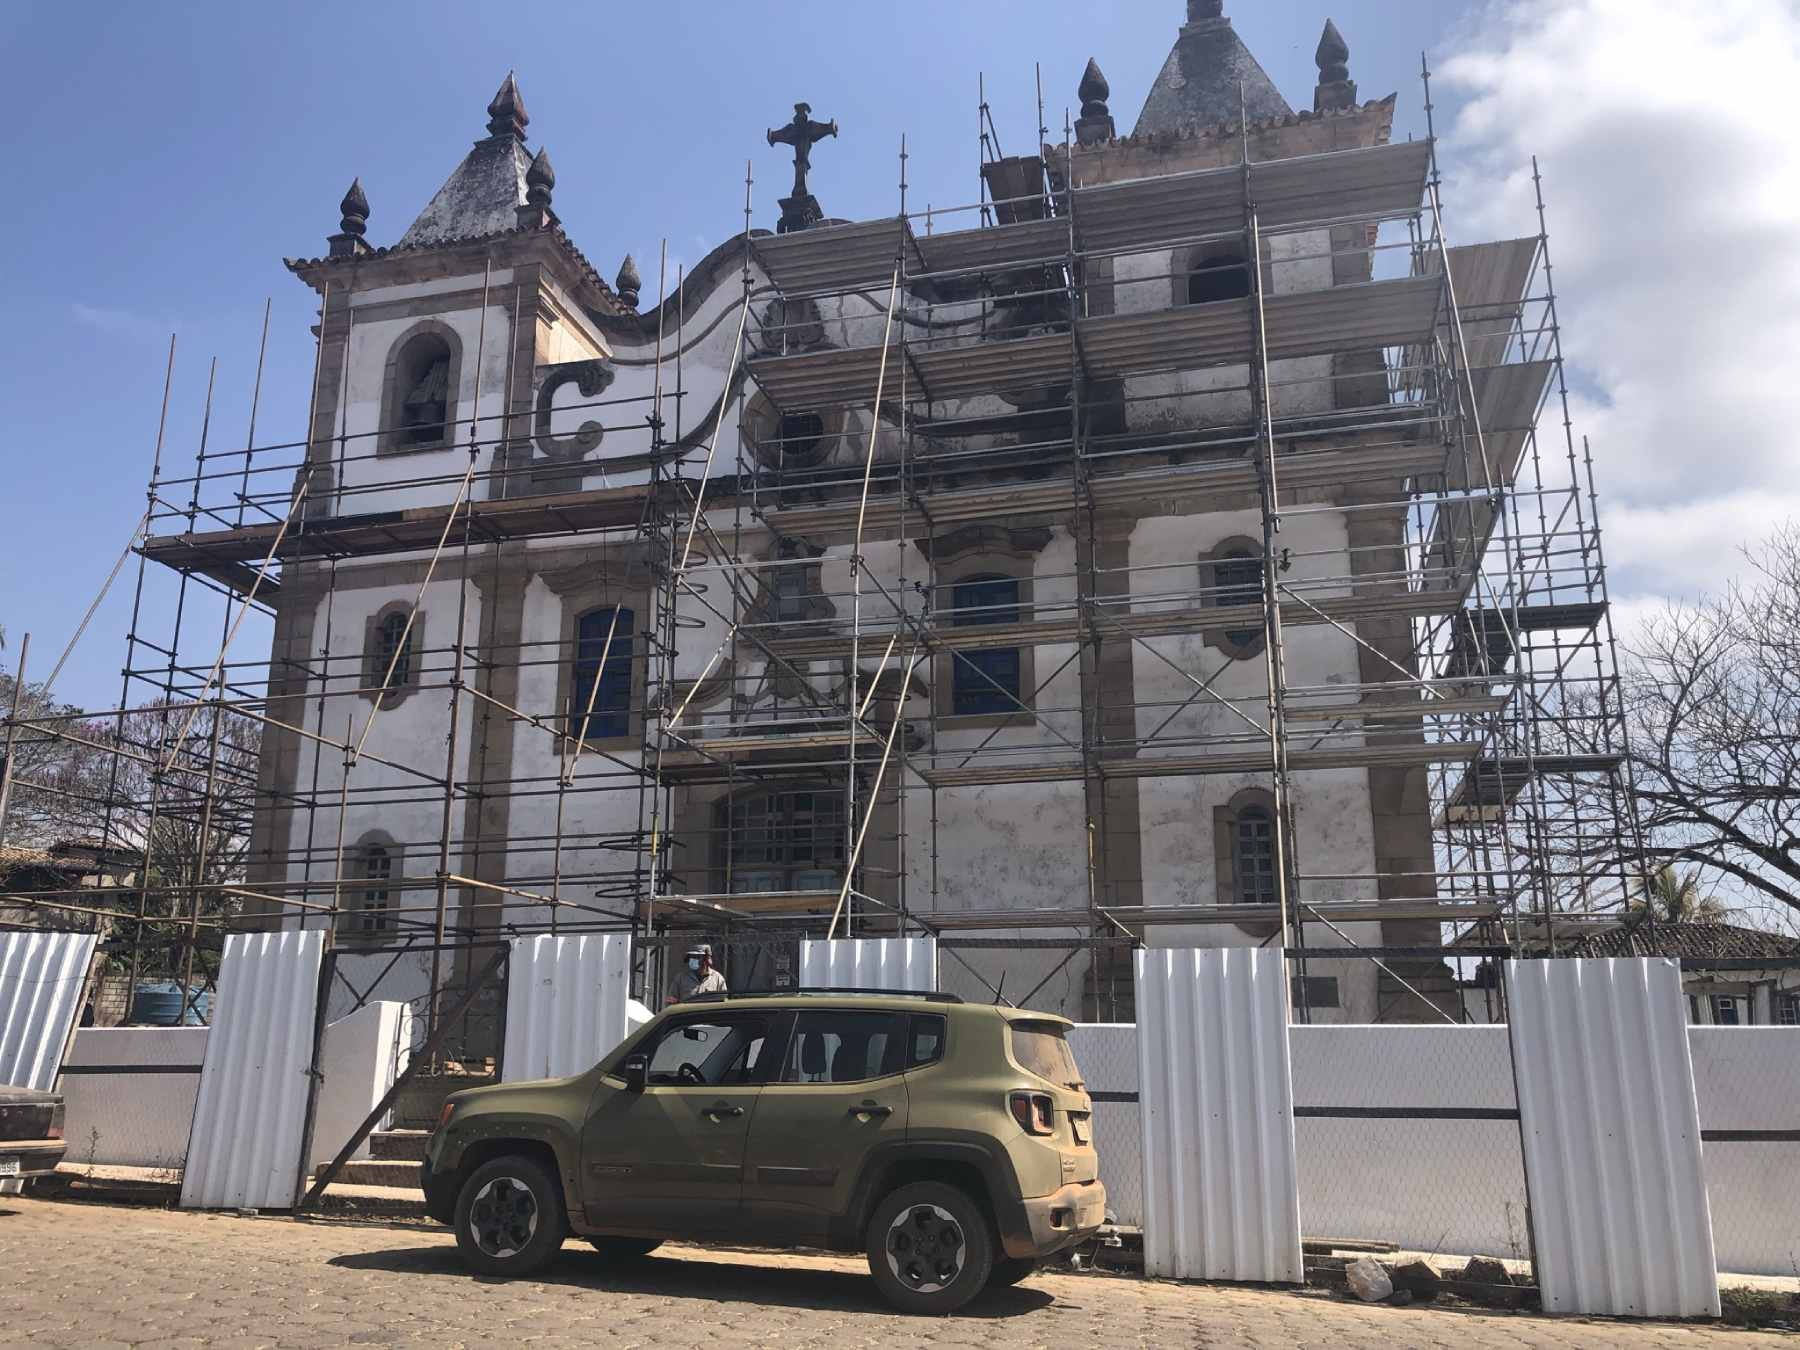 Igreja Matriz de Santo Antônio das Garças Brancas